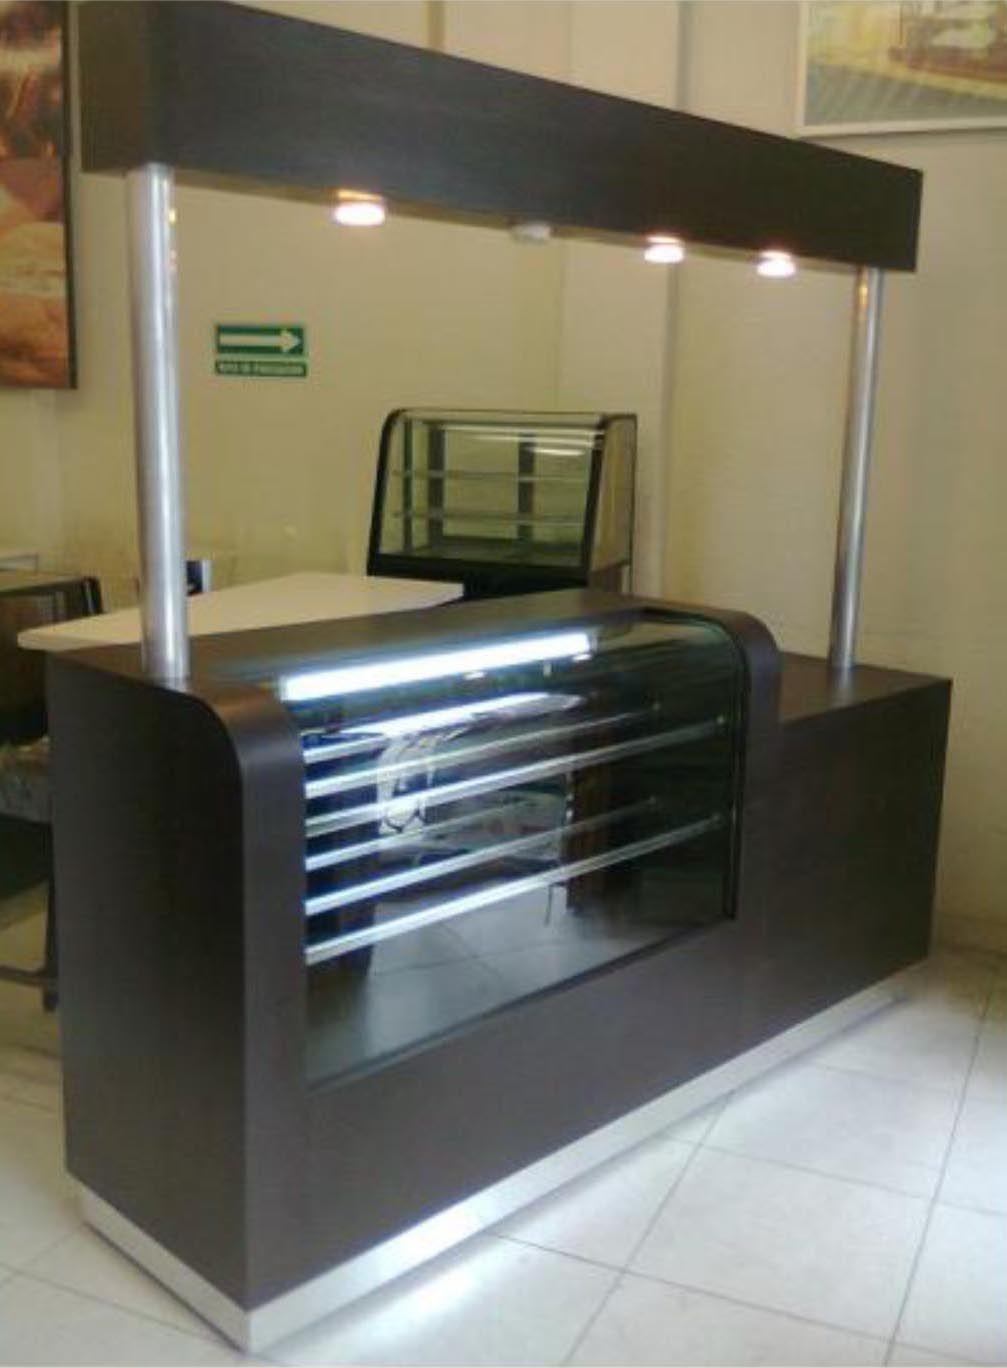 Mostrador con vidrio curvo cafeter a for Mobiliario para cafes